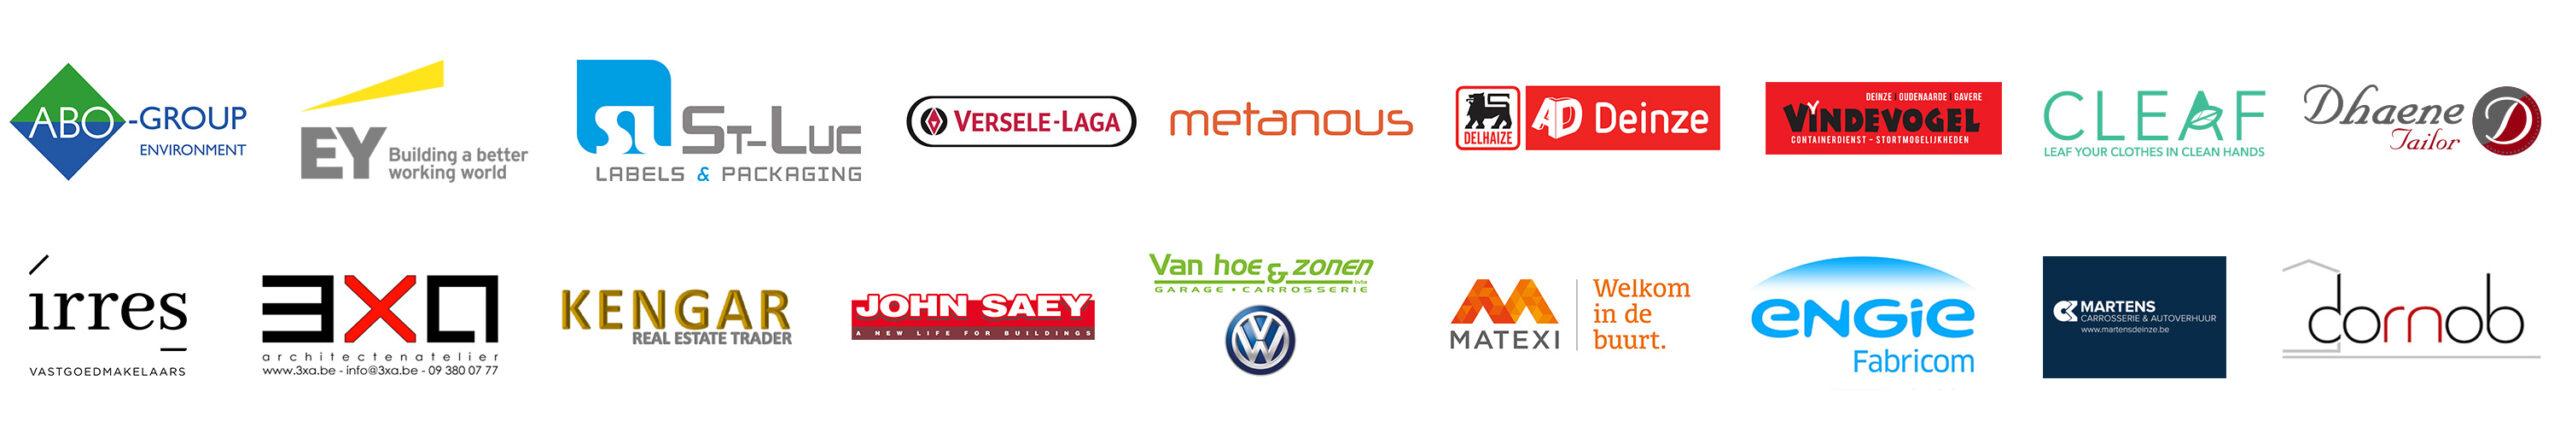 Lijst met sponsors van het evenement.